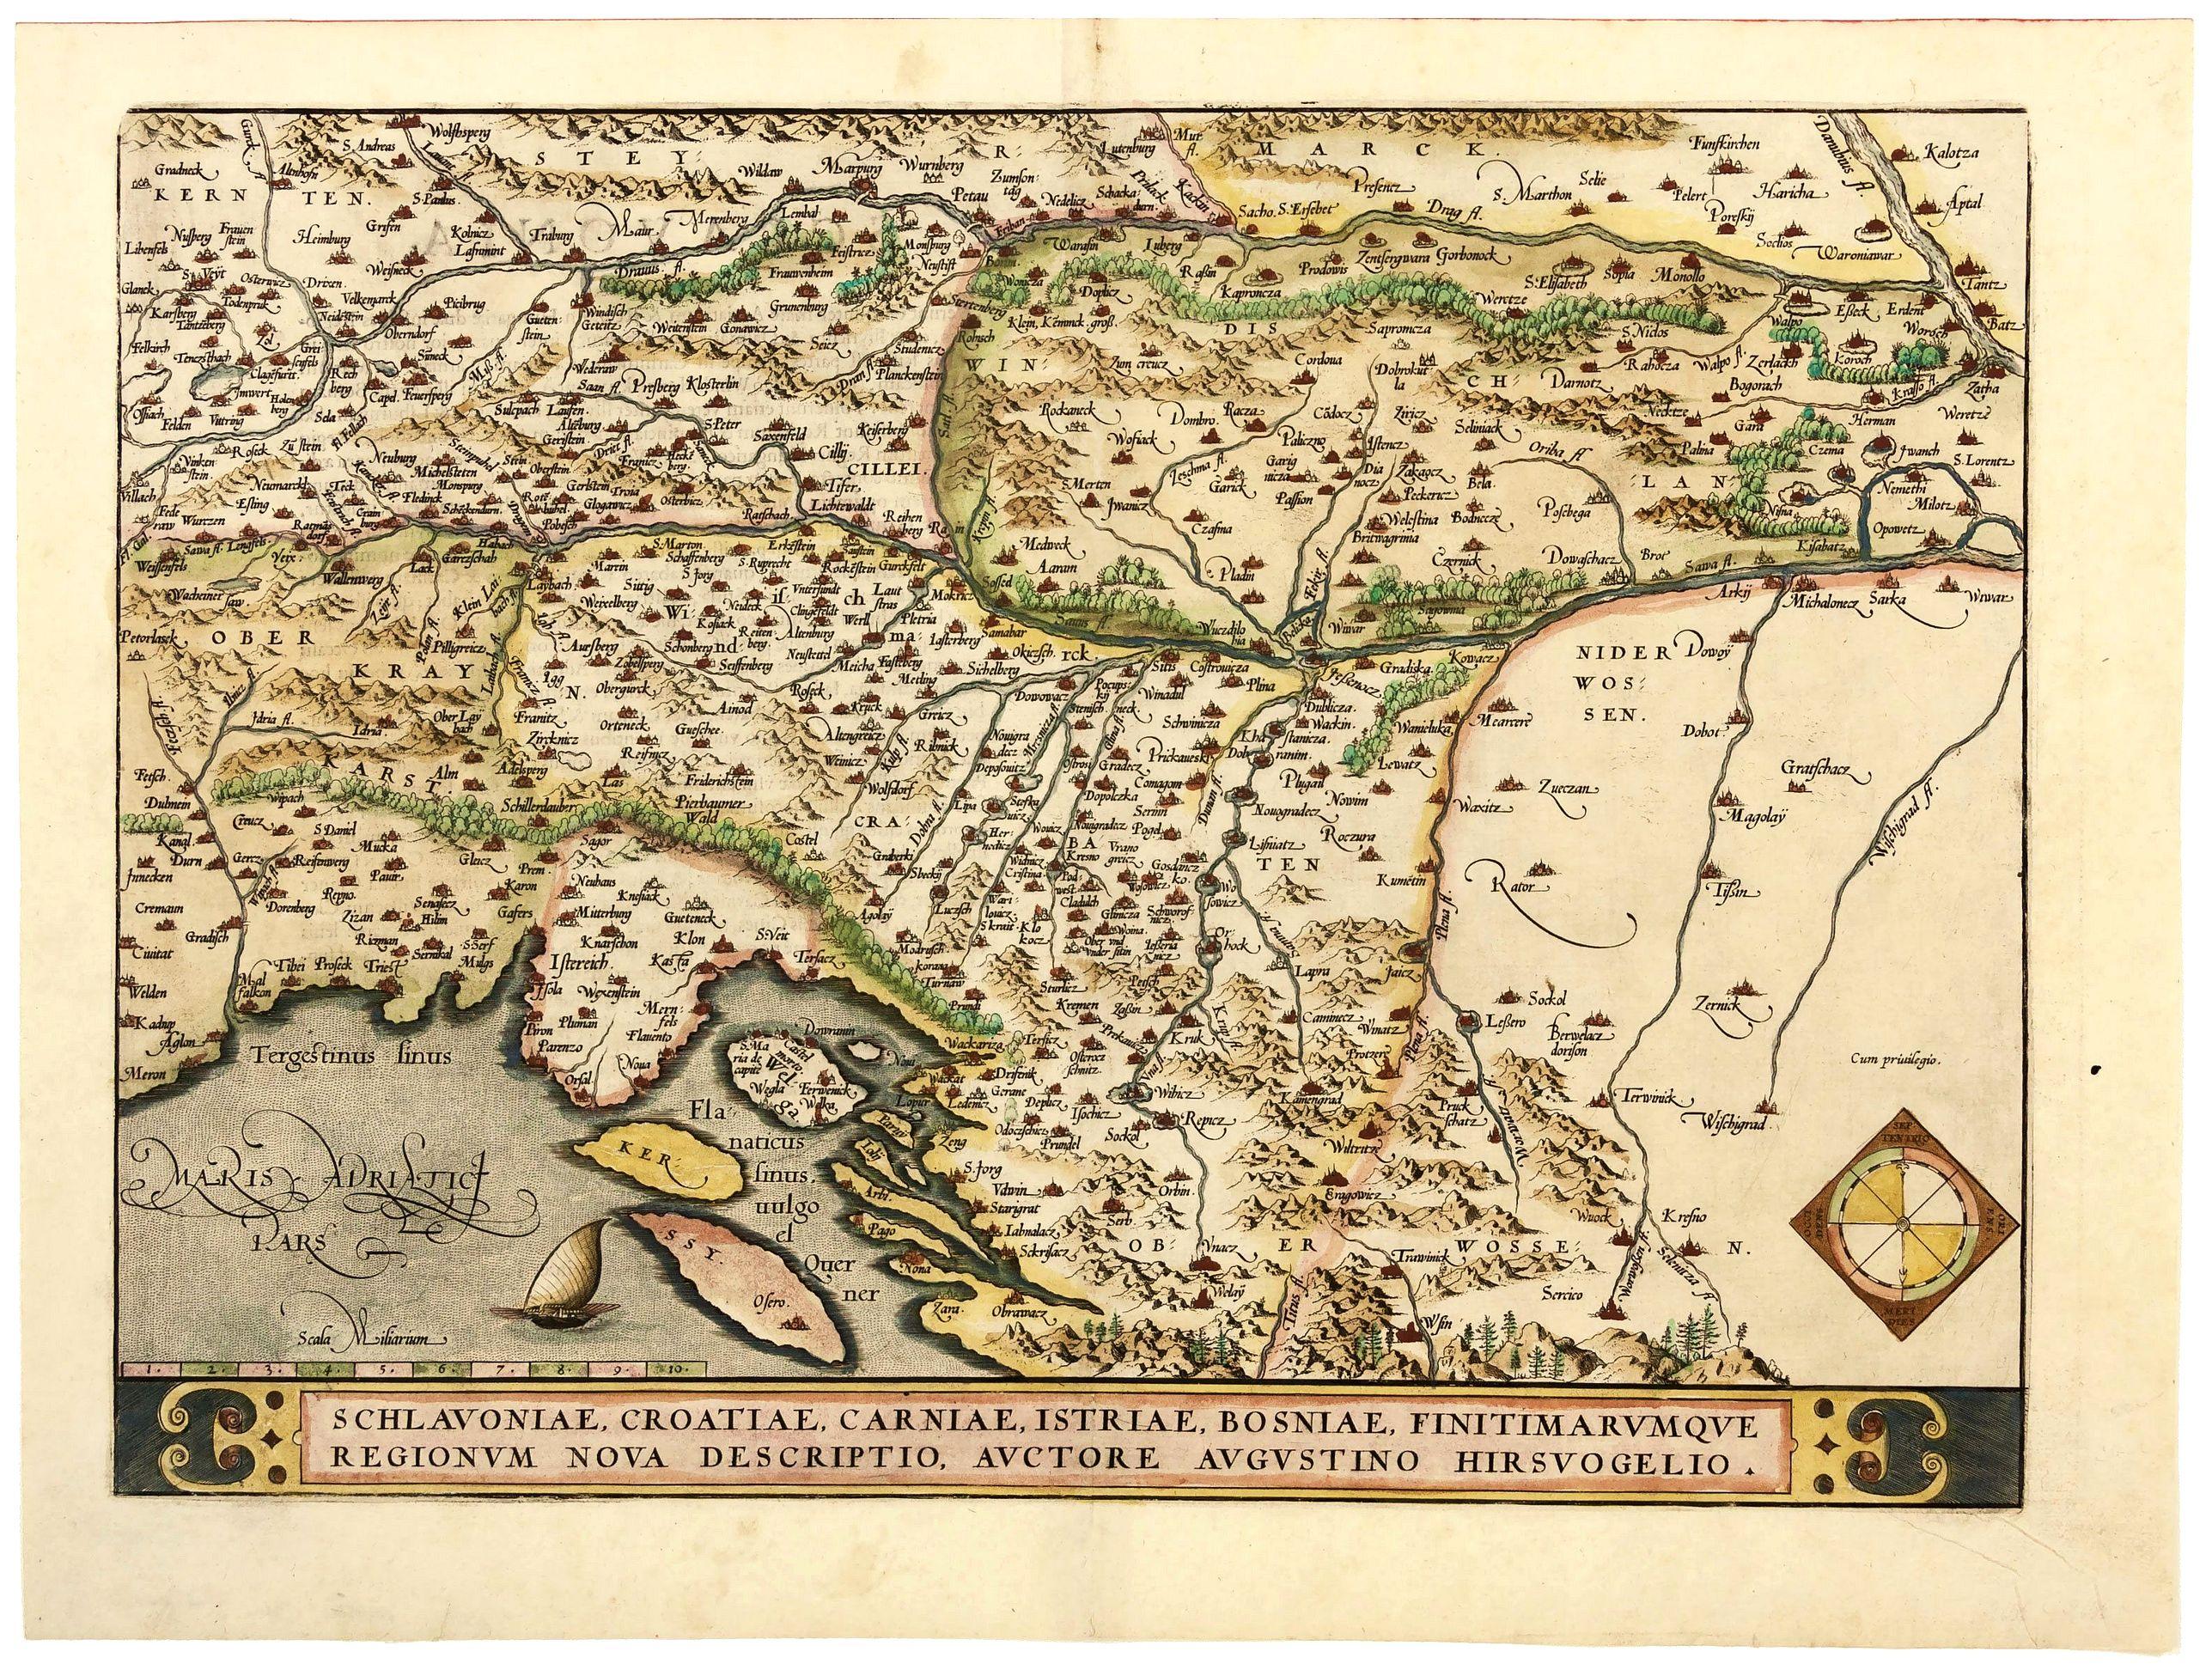 ORTELIUS, A.  -  Schlavoniae, Croatiae, Carniae, Istriae, Bosniae. . .